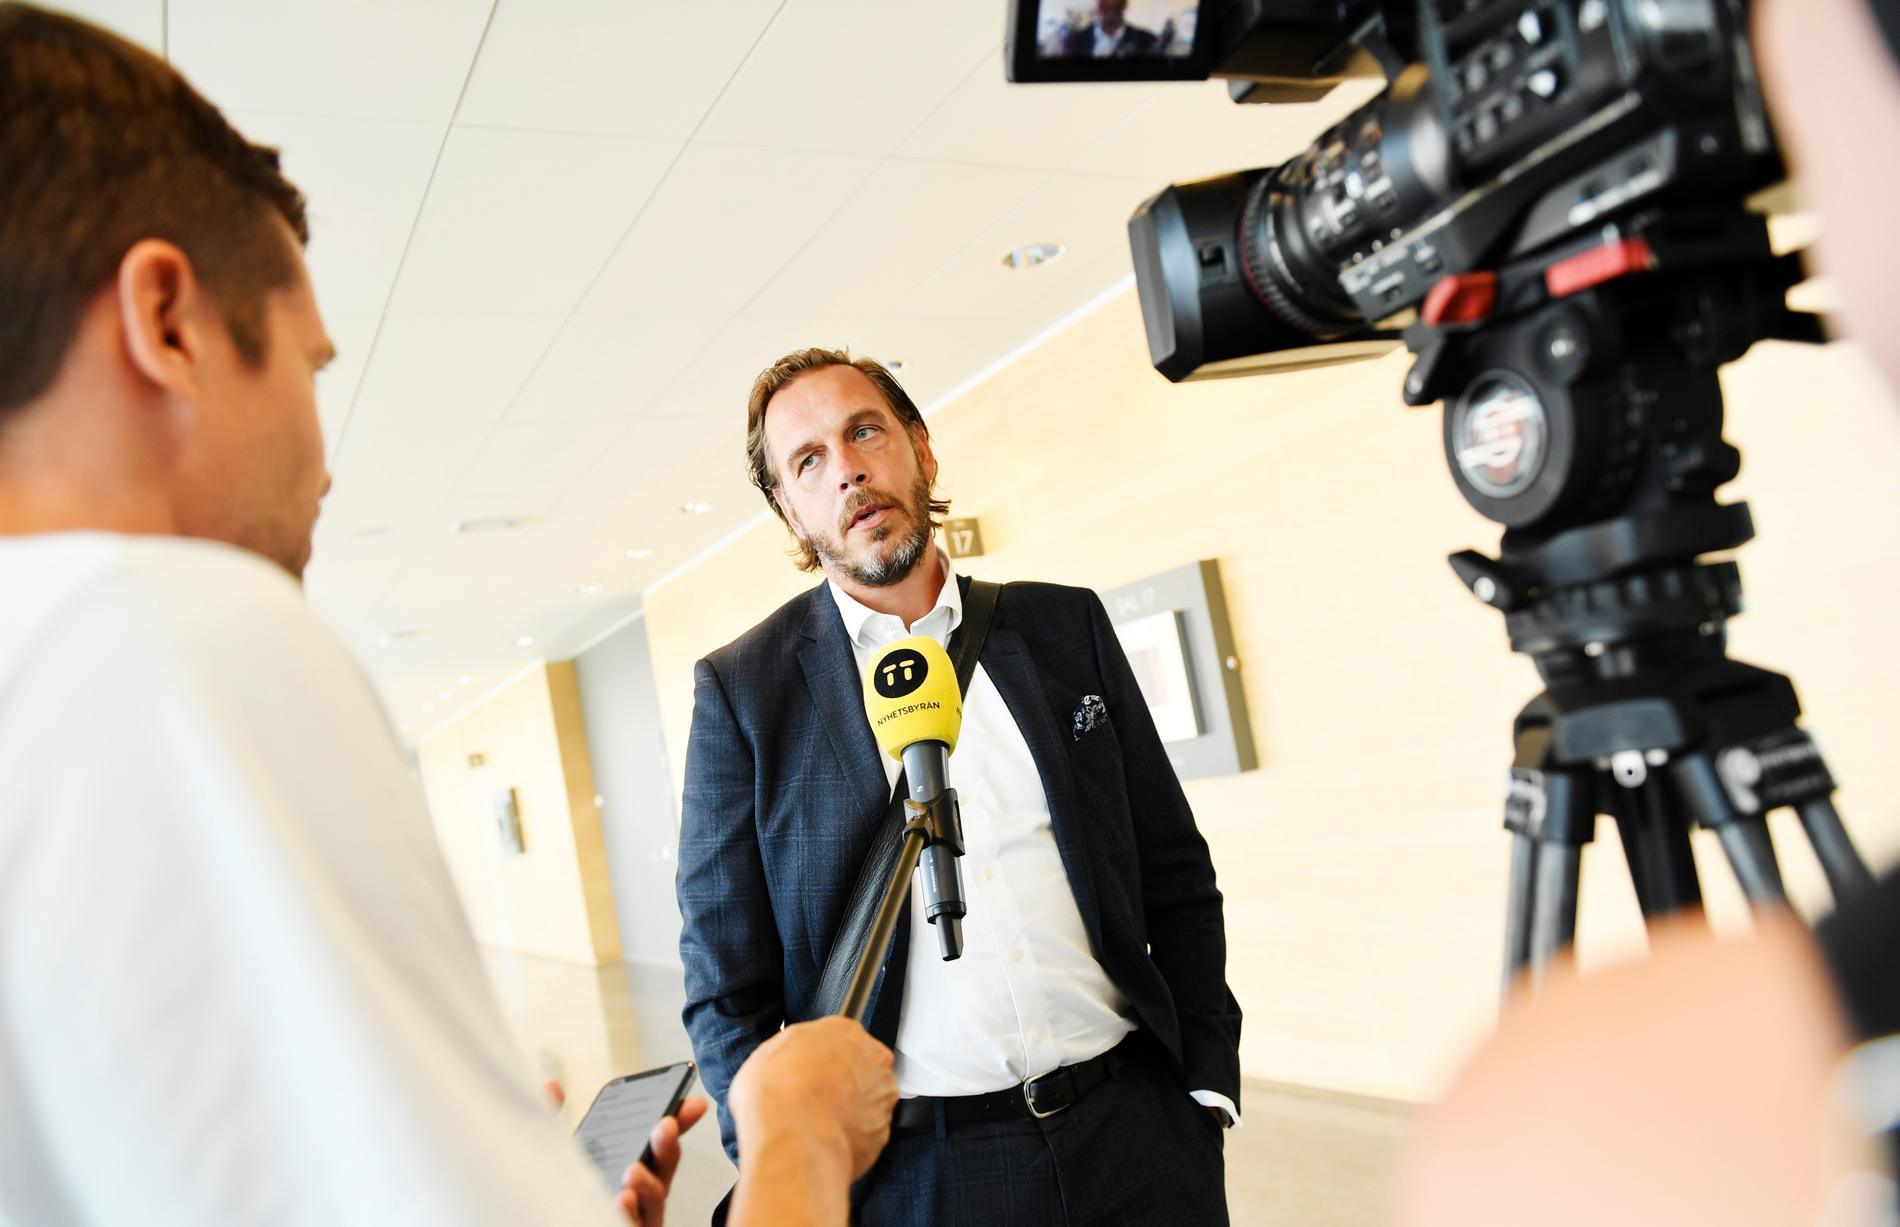 Åklagare Stefan Creutz efter tisdagens häktningsförhandling i Södertörns tingsrätt.